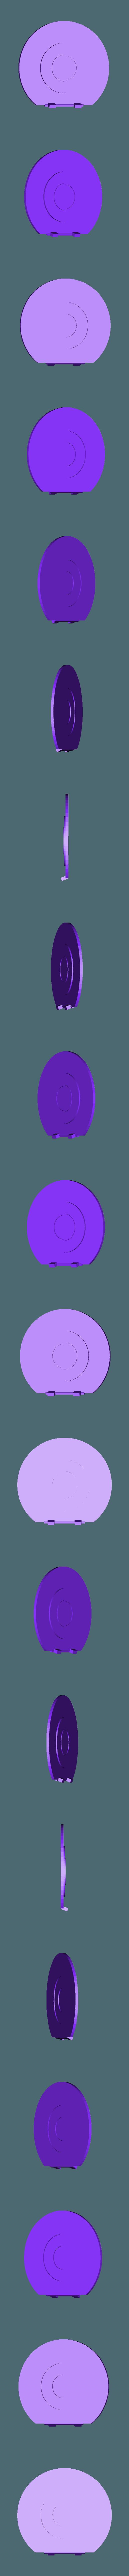 chandracover.stl Télécharger fichier STL gratuit Observatoire de rayons X de Chandra • Objet pour impression 3D, Mostlydecaf